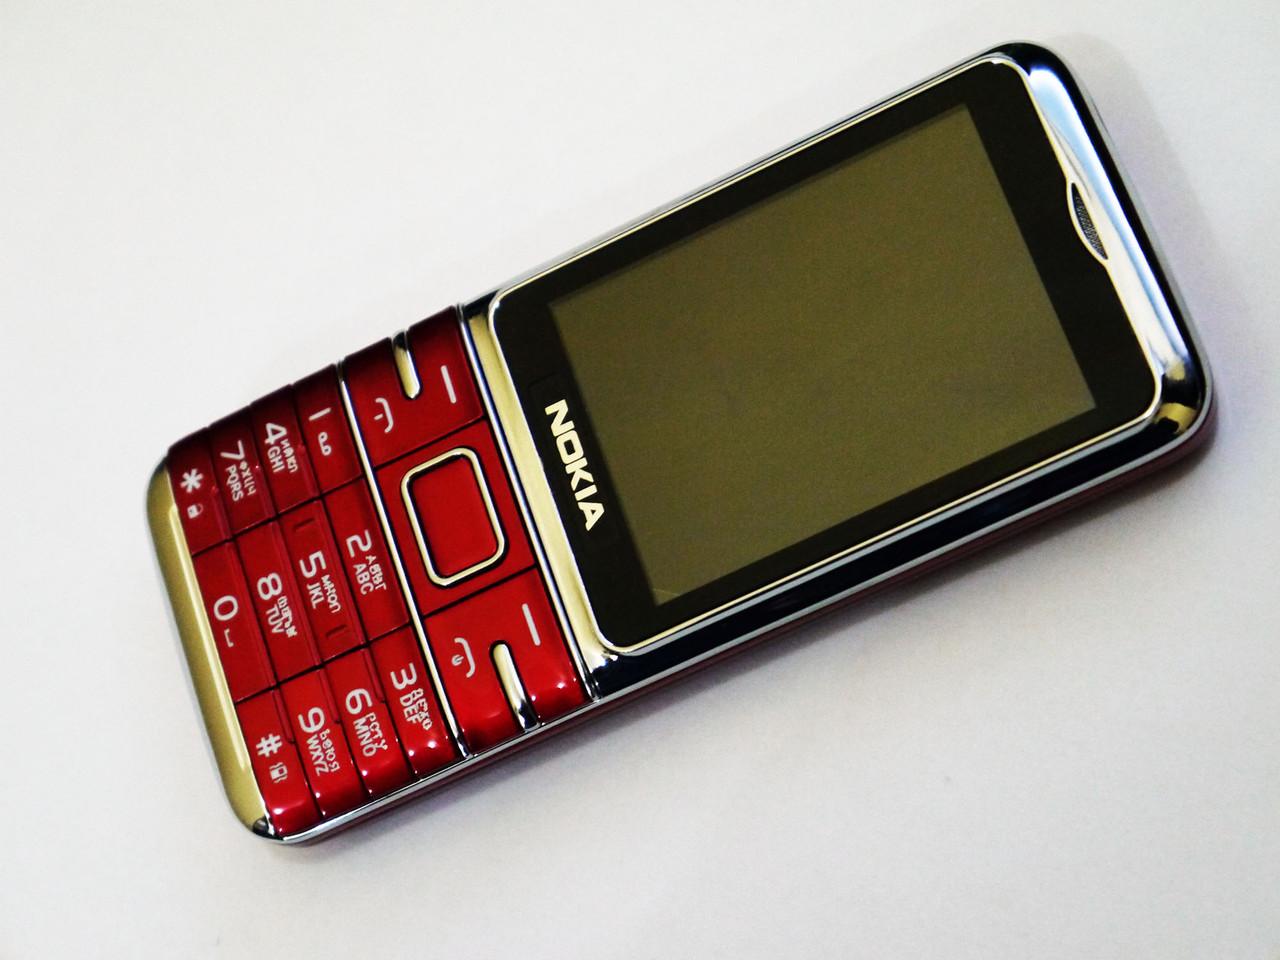 Телефон Nokia L300 Красный - 2Sim+Bluetoth+Camera